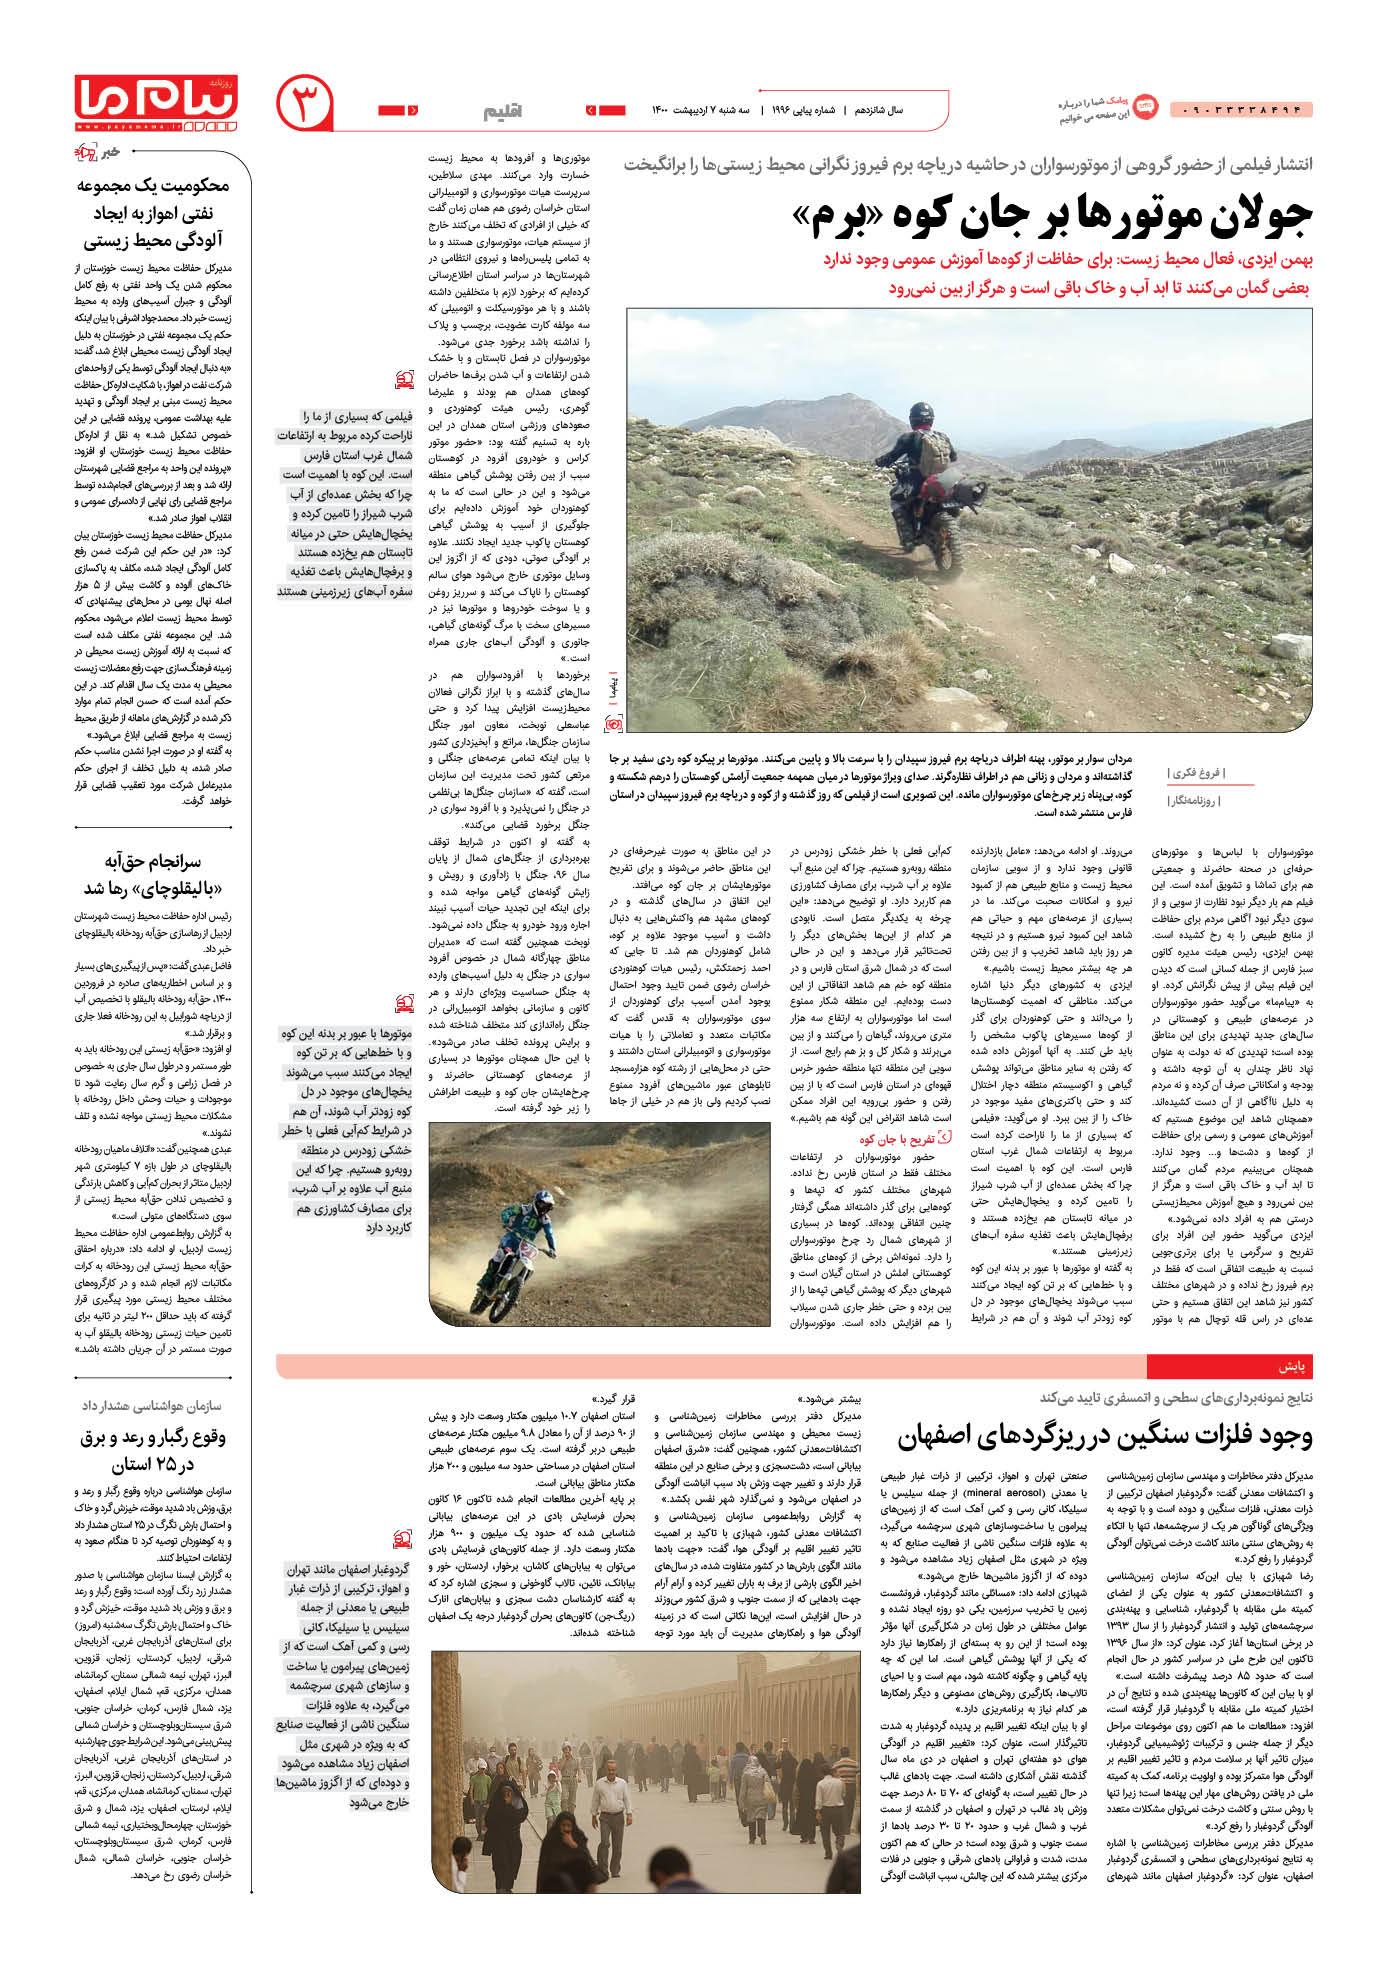 صفحه اقلیم شماره ۱۹۹۶ روزنامه پیام ما